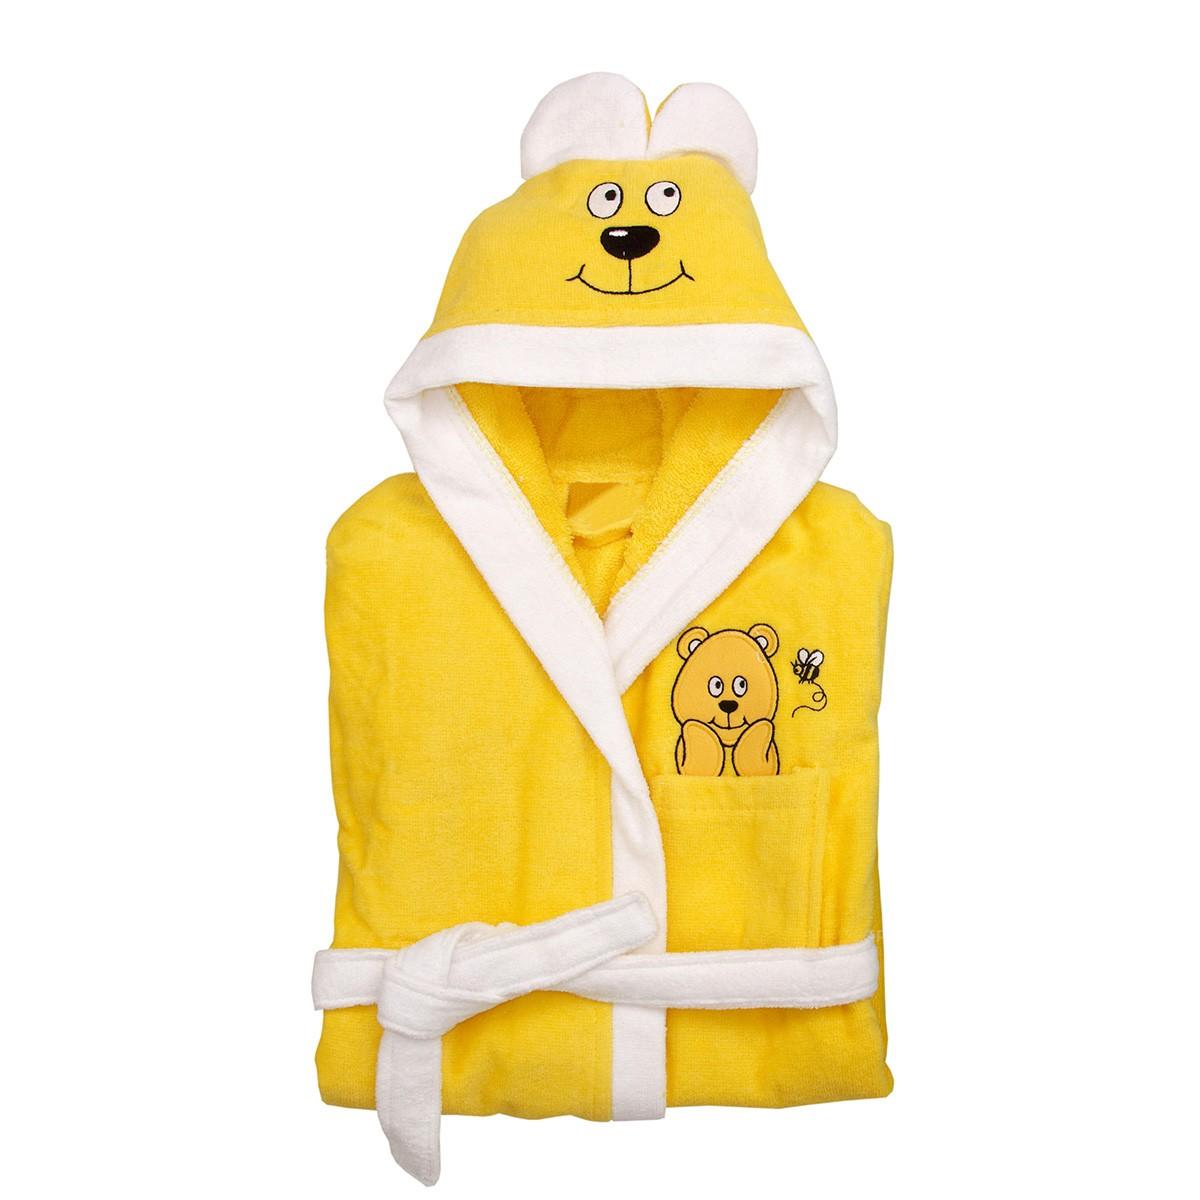 Παιδικό Μπουρνούζι Viopros Τέρι Κίτρινο Νο3-5 Νο3-5